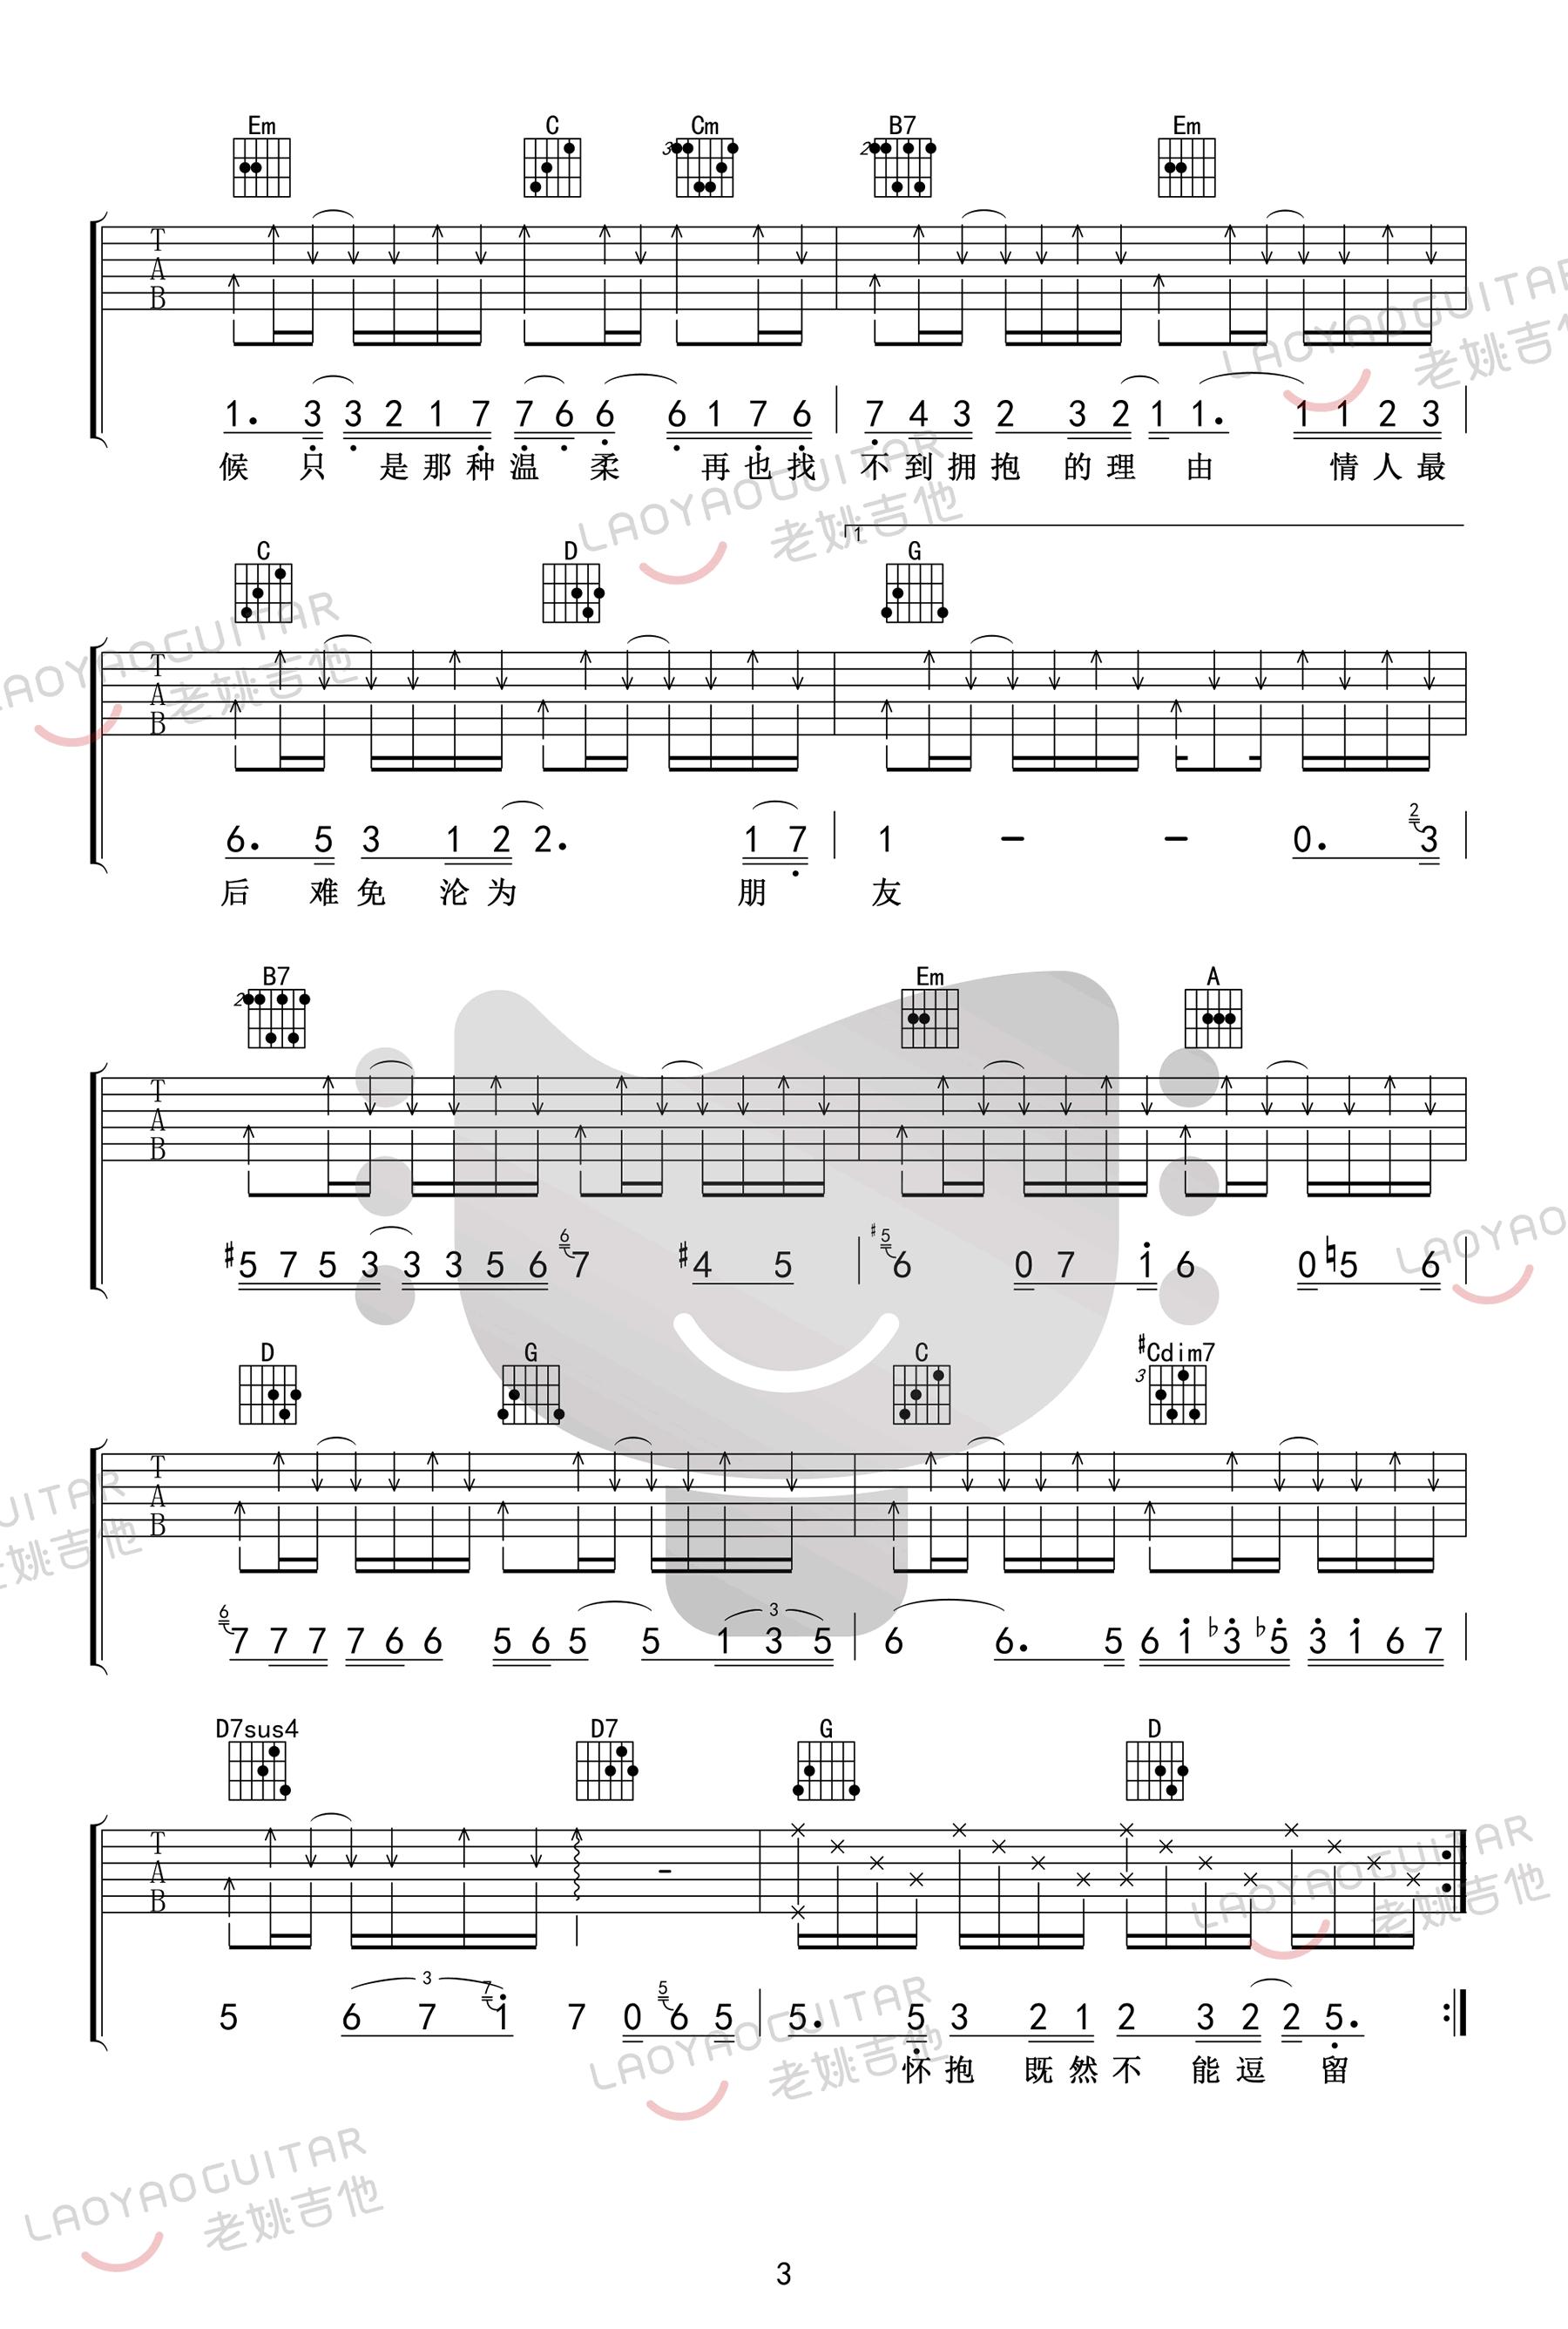 陈奕迅《十年》吉他谱-原版六线谱-3